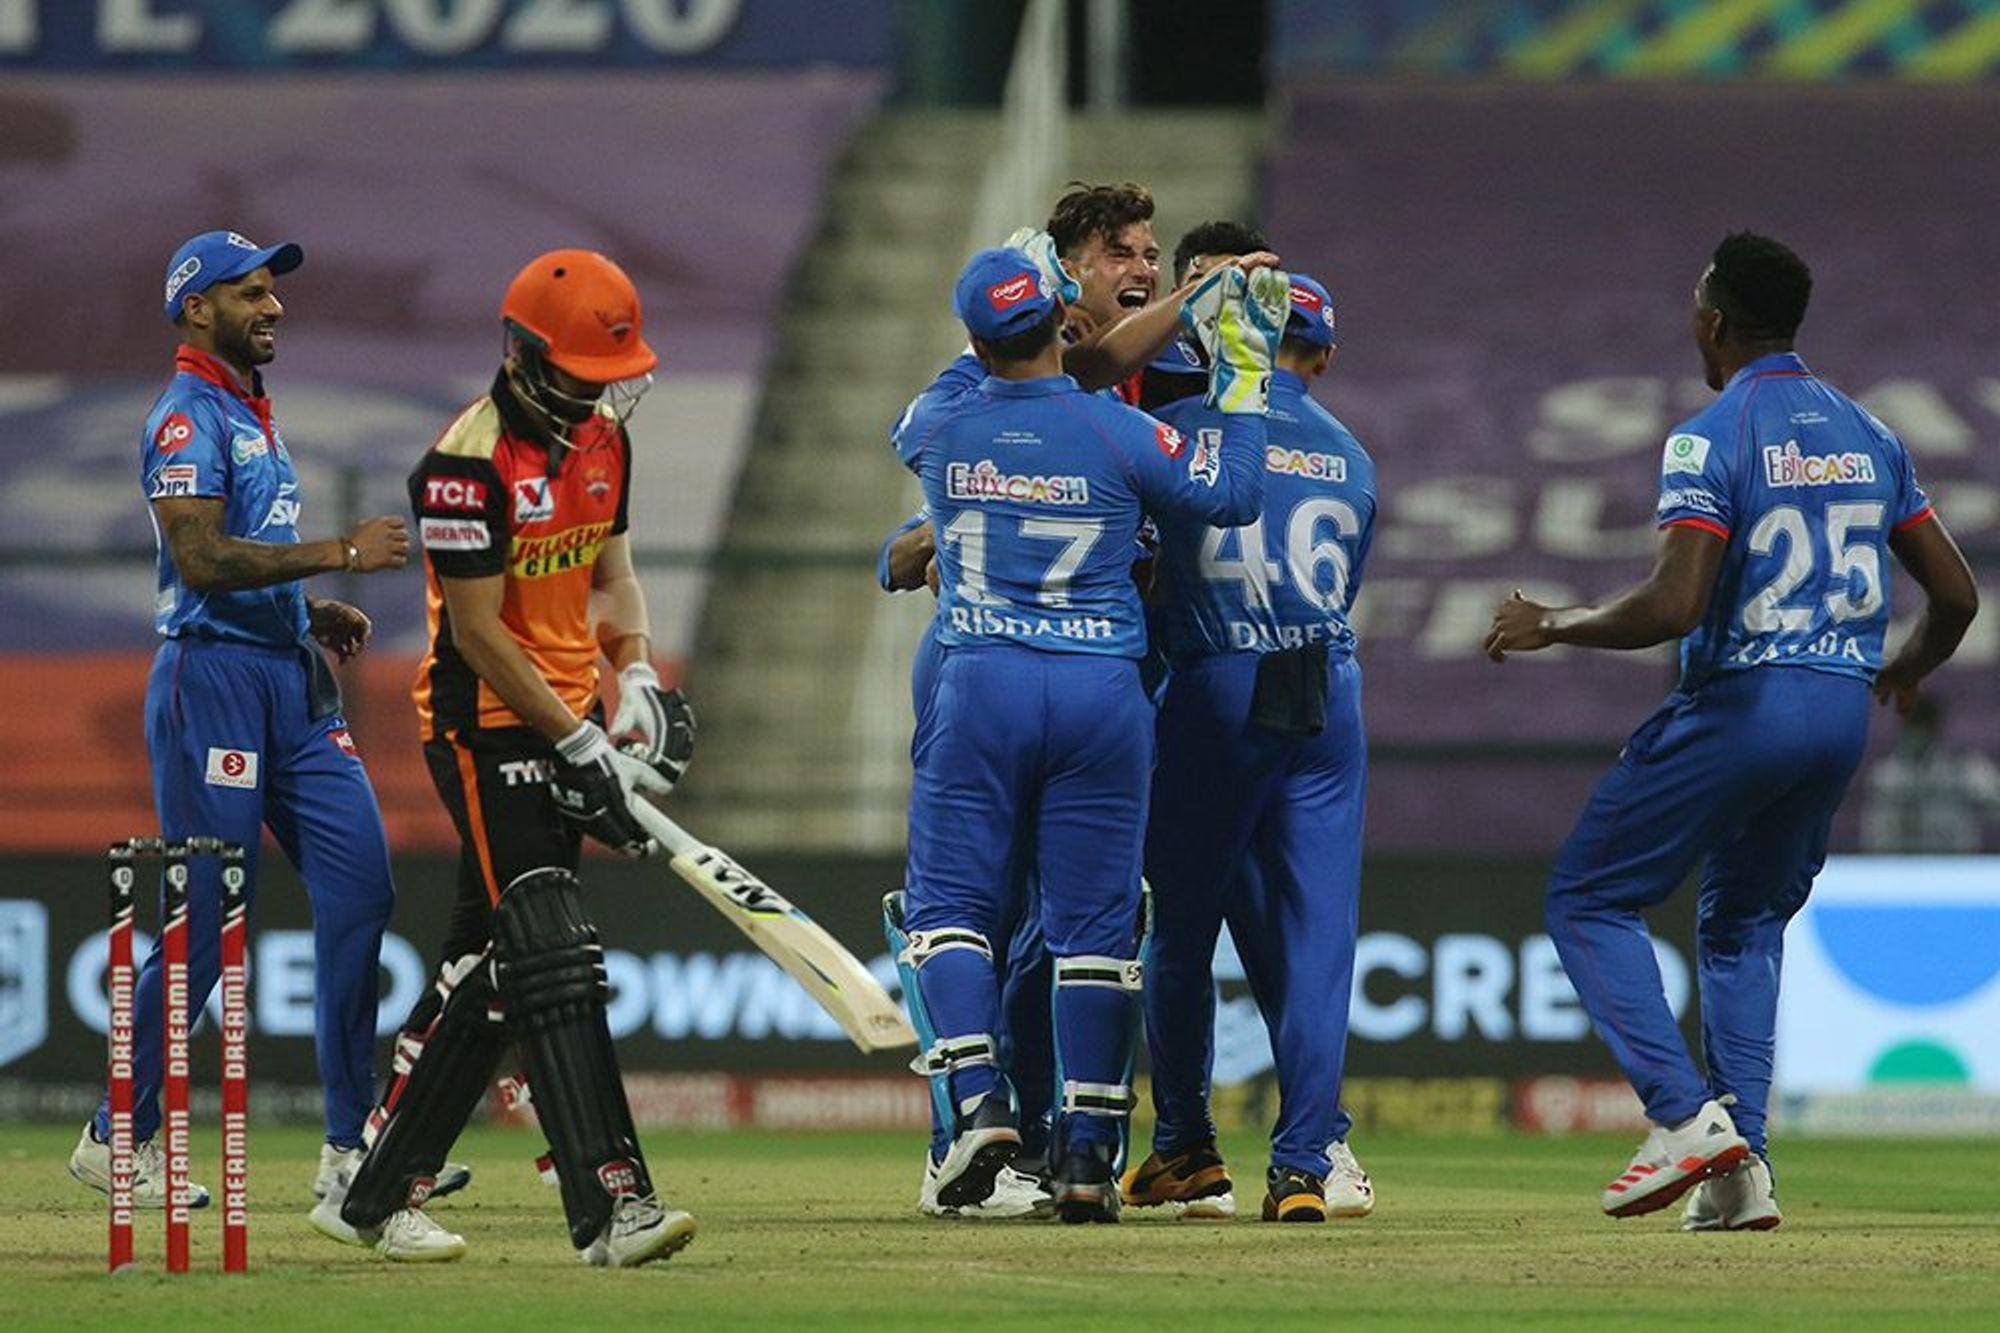 DCvsSRH, MATCH REPORT: हैदराबाद को 17 रनों से हराकर दिल्ली की टीम ने पहली बार फाइनल में बनाई जगह 4